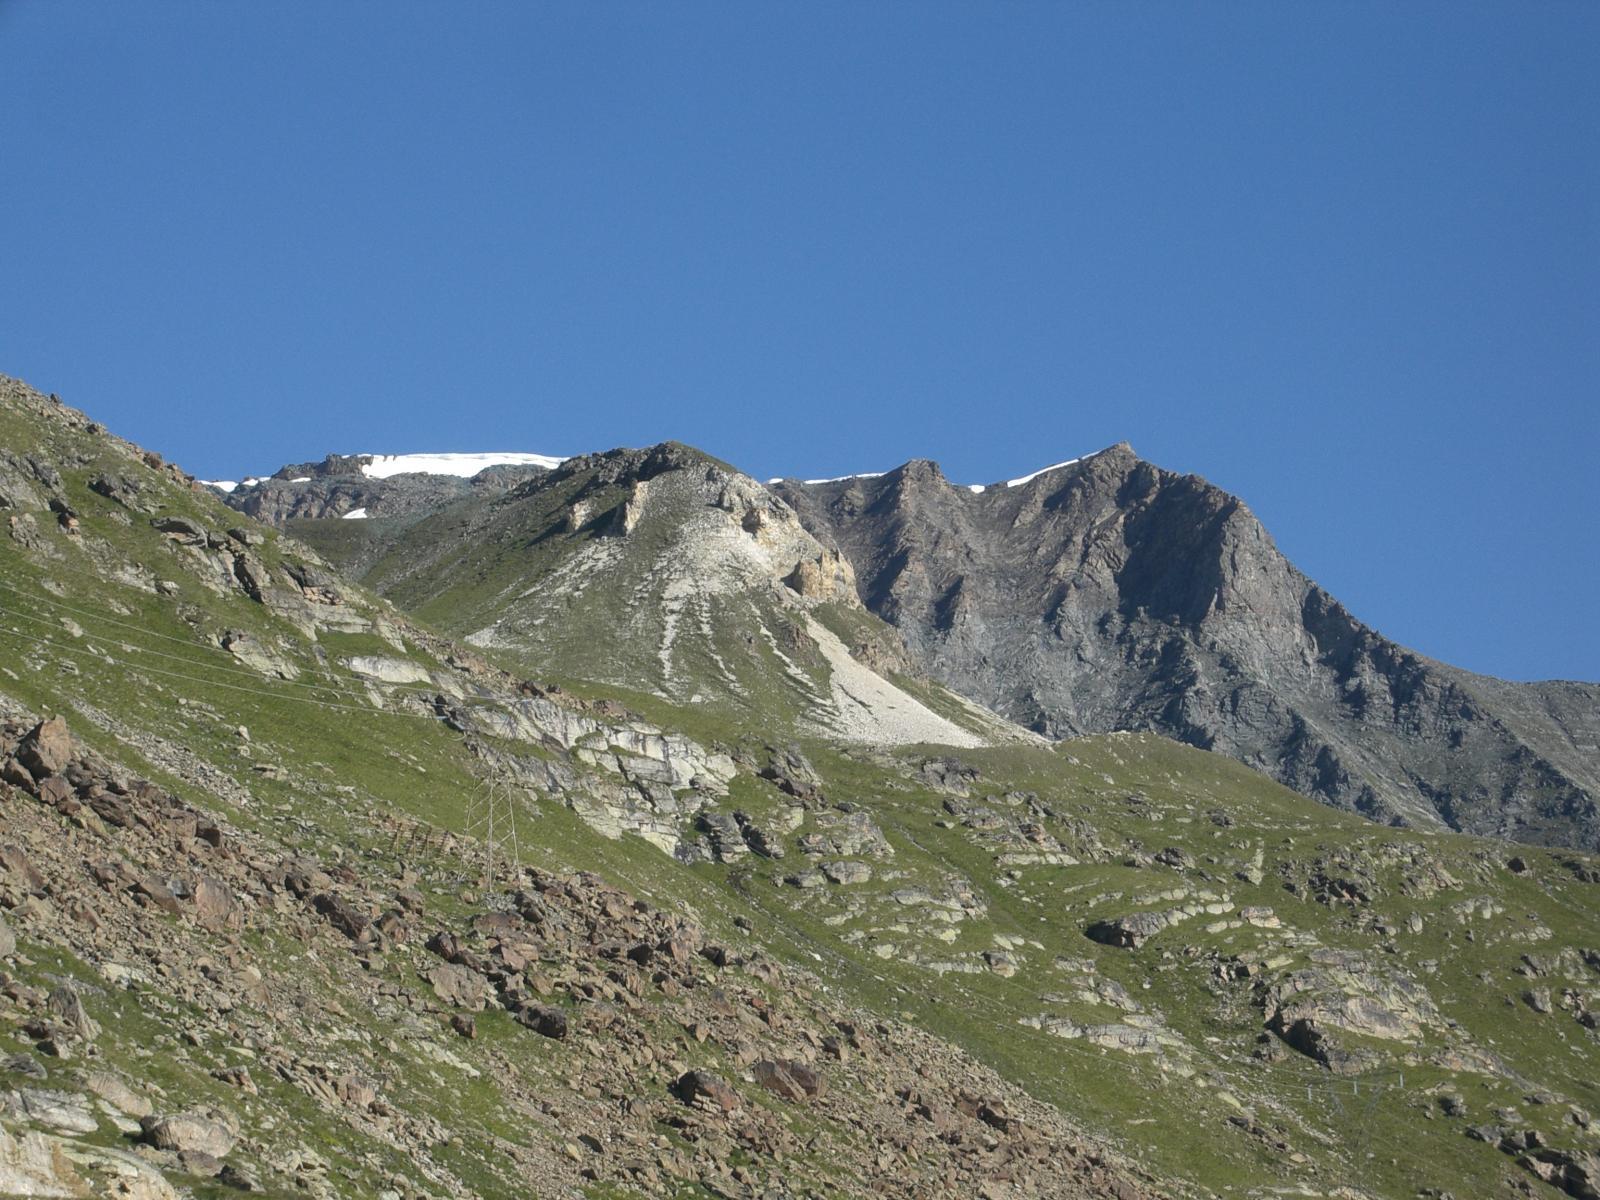 Fotografia della pazza estate 2014: ad agosto si vedono ancora cornici di neve verso la Cima di Entrelor